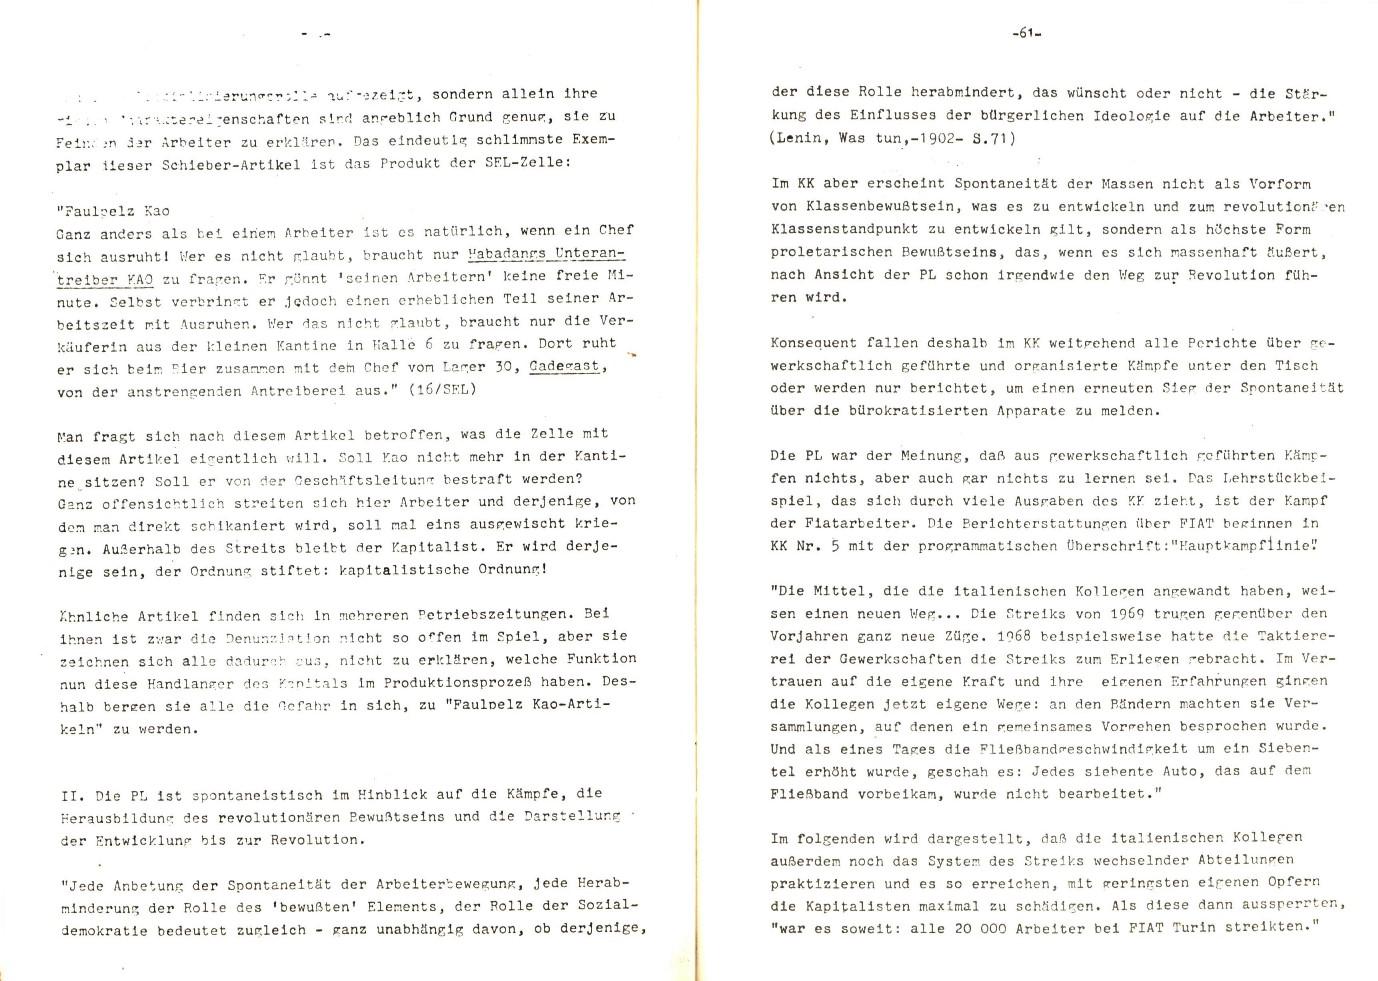 PLPI_1971_Aufloesung_33